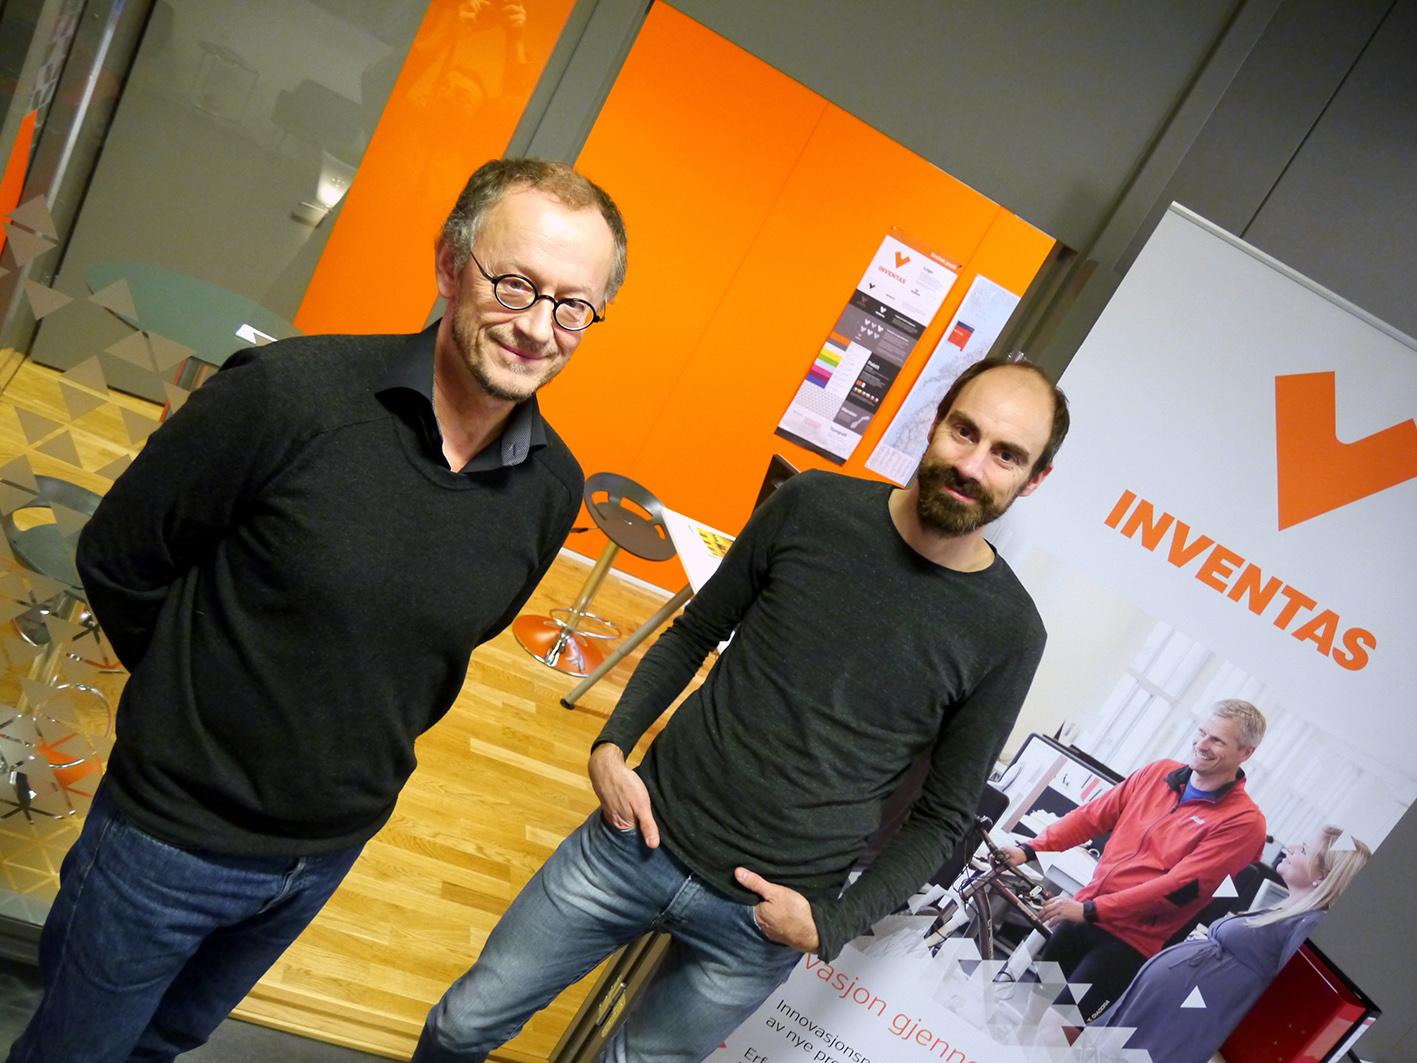 Gode utsikter. Daglig leder Einar K. Selvig og seniordesigner Jonas Hallberg Eggen i Inventas. Bedriften planlegger ytterligere vekst i 2017.